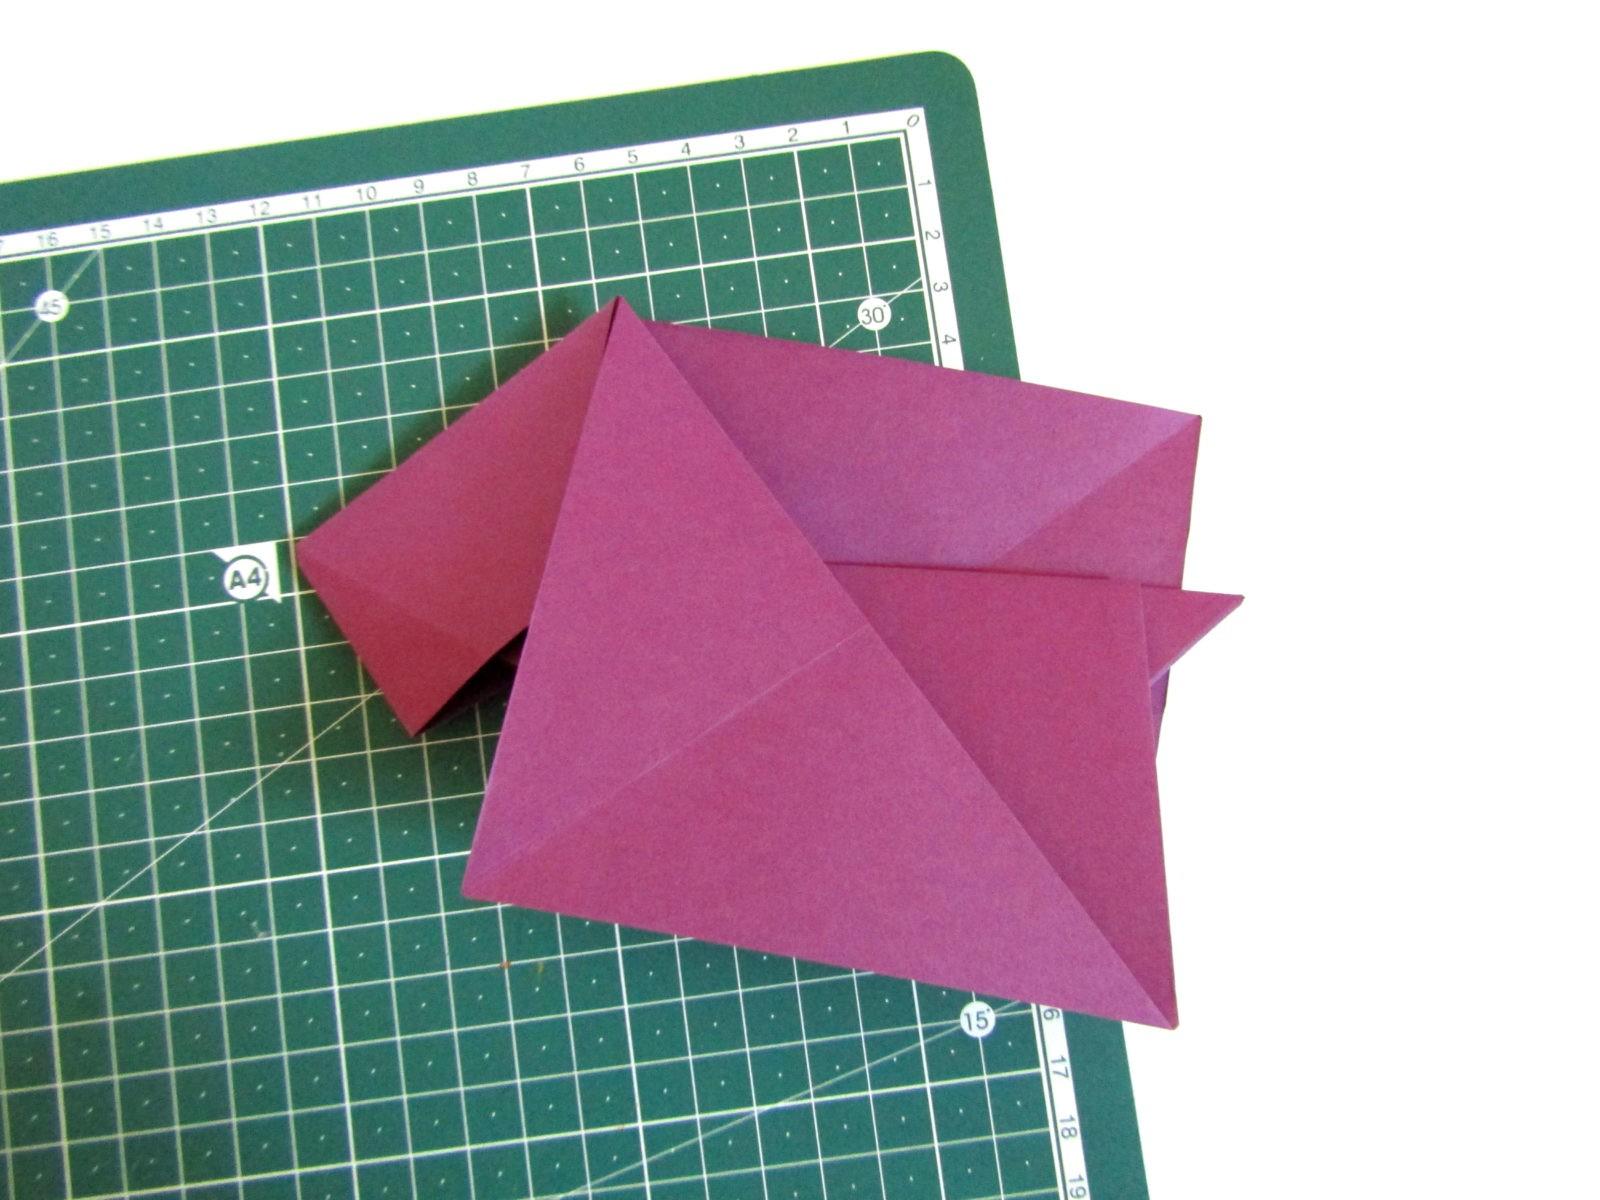 Очень легко и просто можно создать объемную поделку без использования клея. Конечно, даже ножницы могут и не понадобиться, если изначально у вас будет готовая заготовка в виде квадрата. Так получим собачку оригами благодаря ловкости рук! - 12